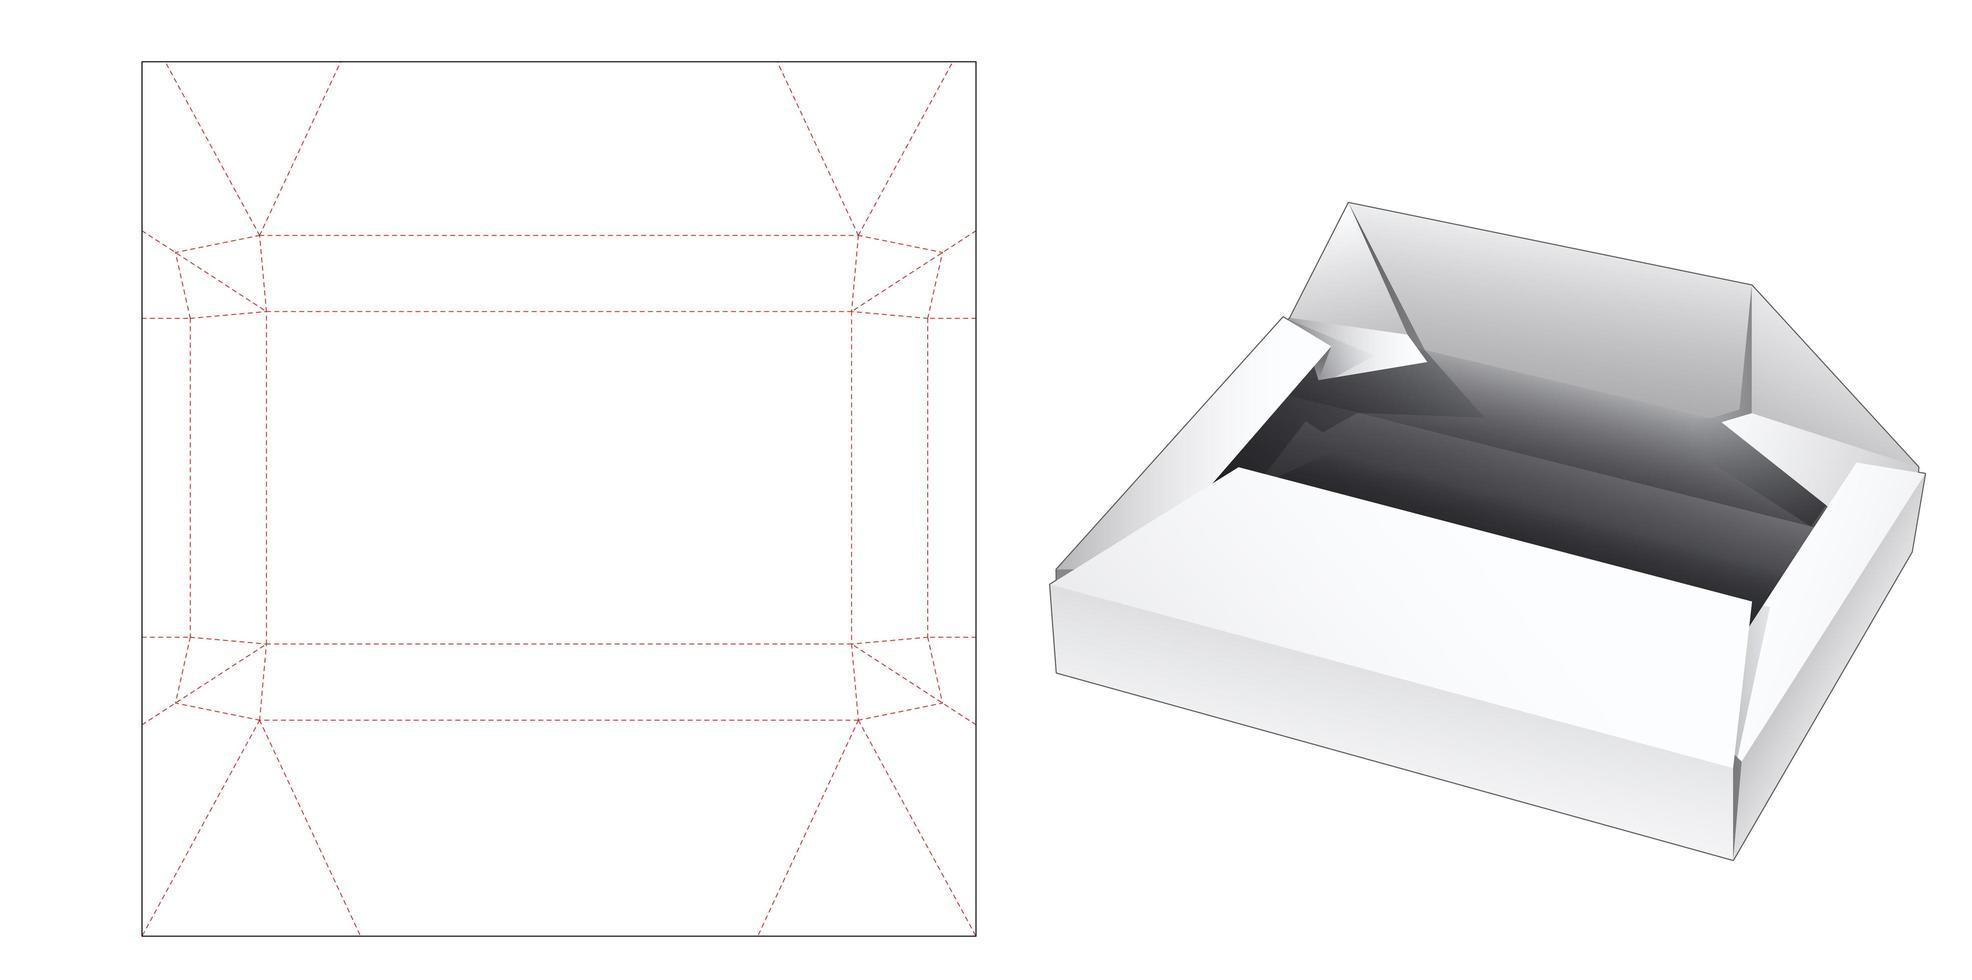 caixa de papel de embrulho vetor